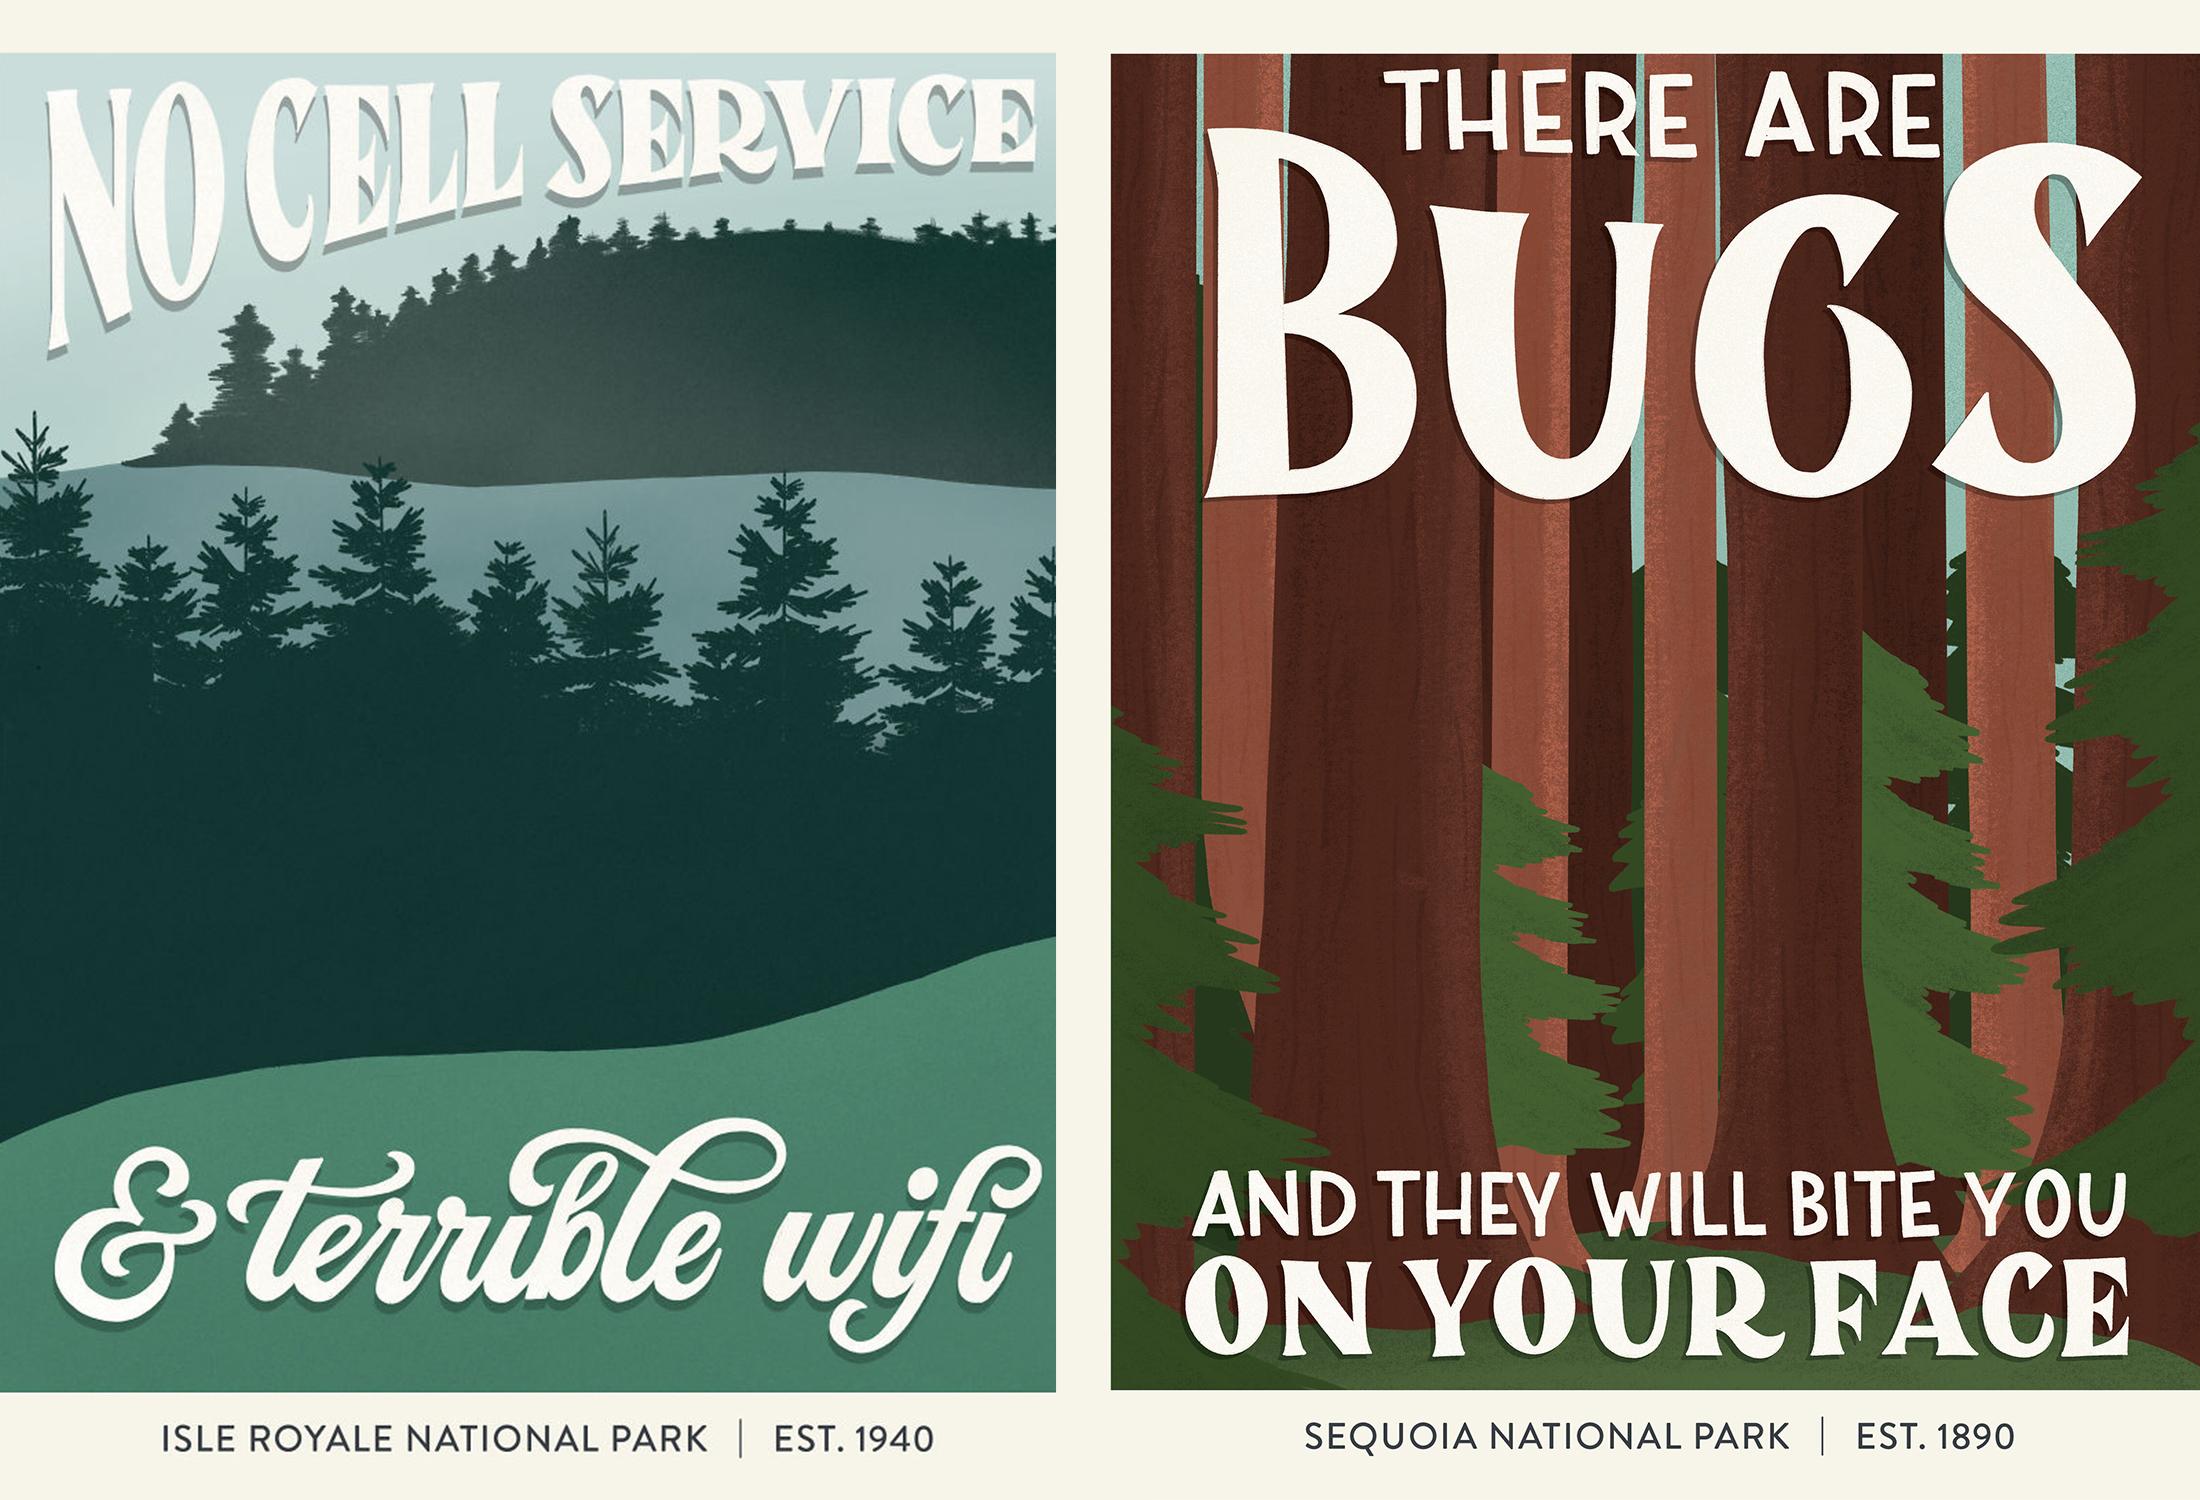 subpar parks poster illustrations for two national parks